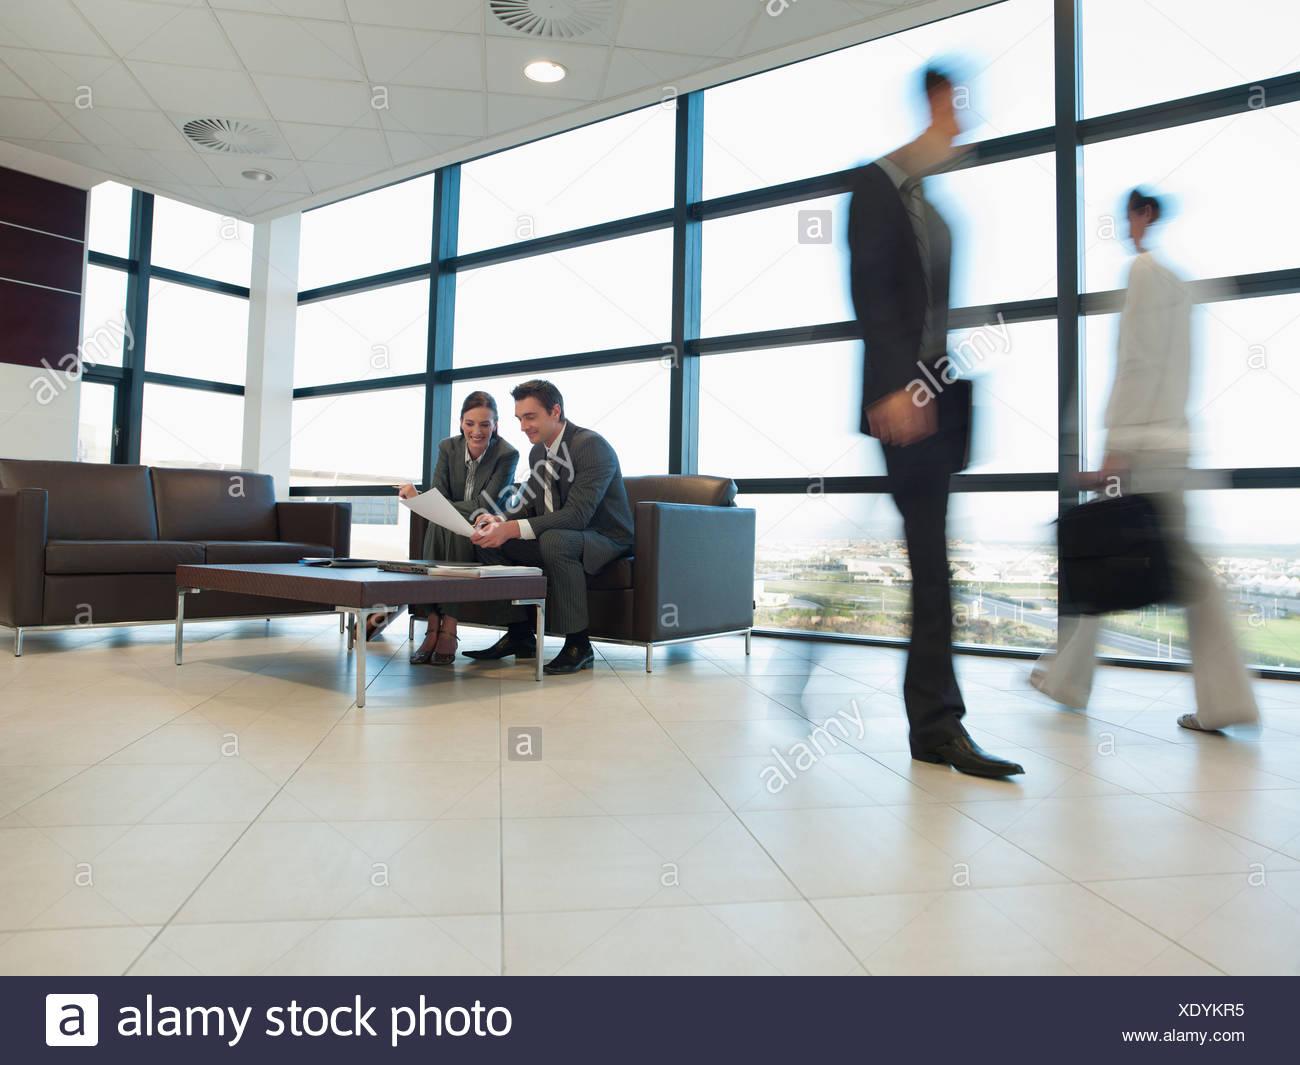 Gente de negocios trabajando juntos en la oficina de área de espera Imagen De Stock